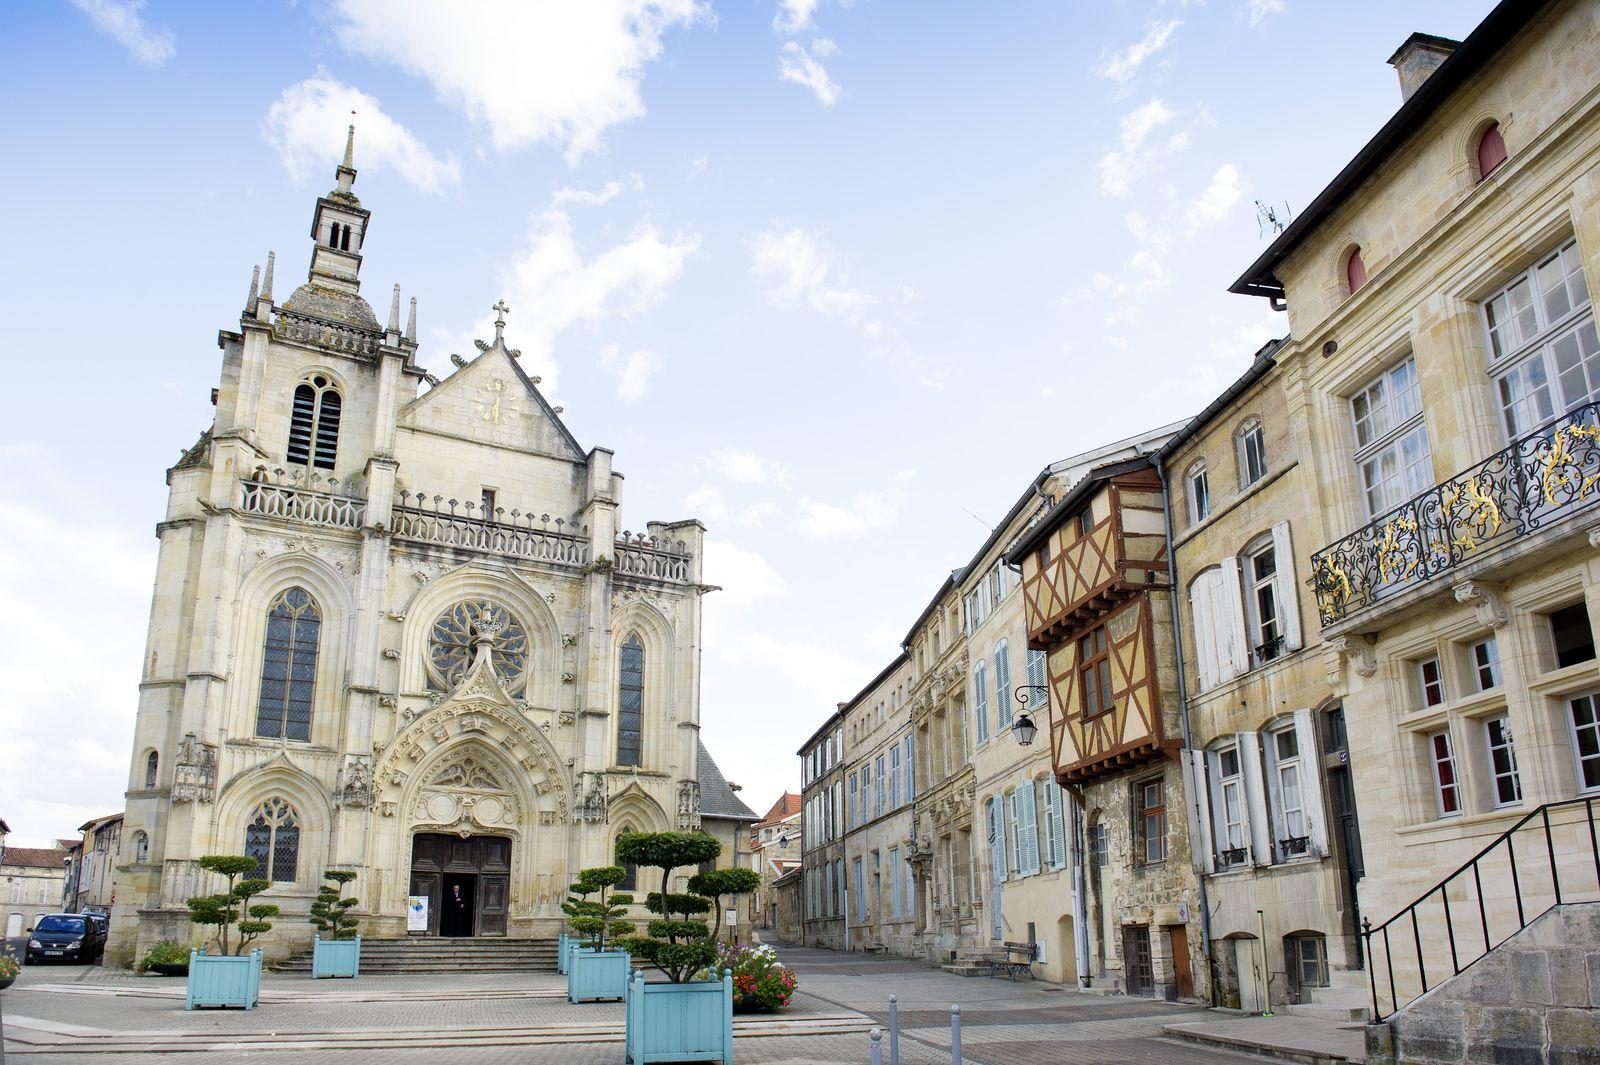 Eglise Saint-Etienne - Place Saint-Pierre - Quartier Renaissance - Bar-le-Duc